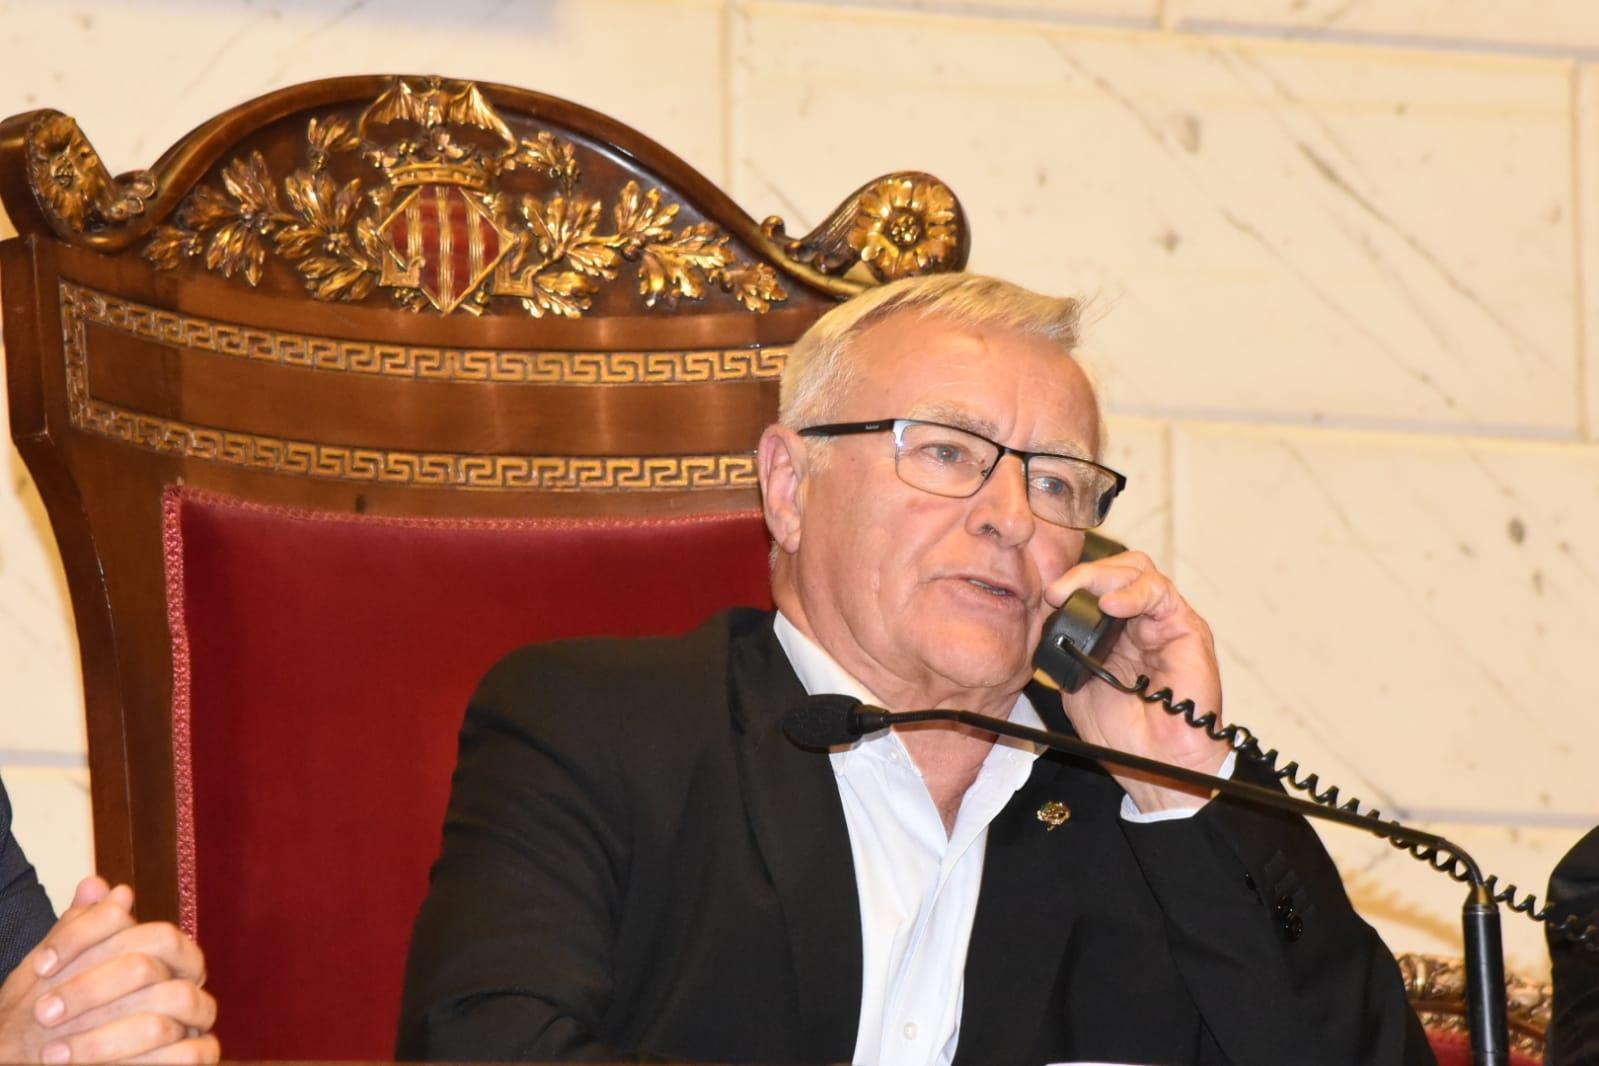 Horarios de 'la llamada' del alcalde a las Falleras Mayores de València 2022 y la proclamación